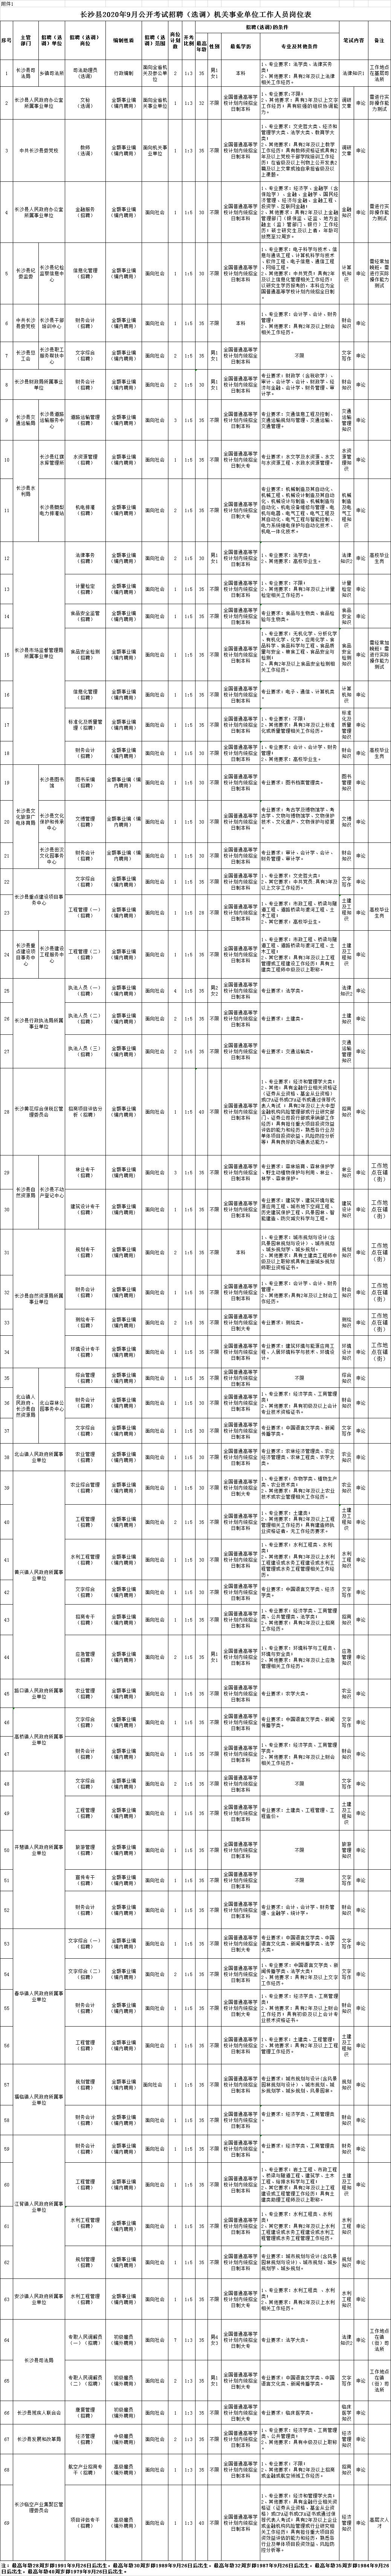 2020年9月长沙市长沙县事业单位招聘(选调)考试公告(97名)